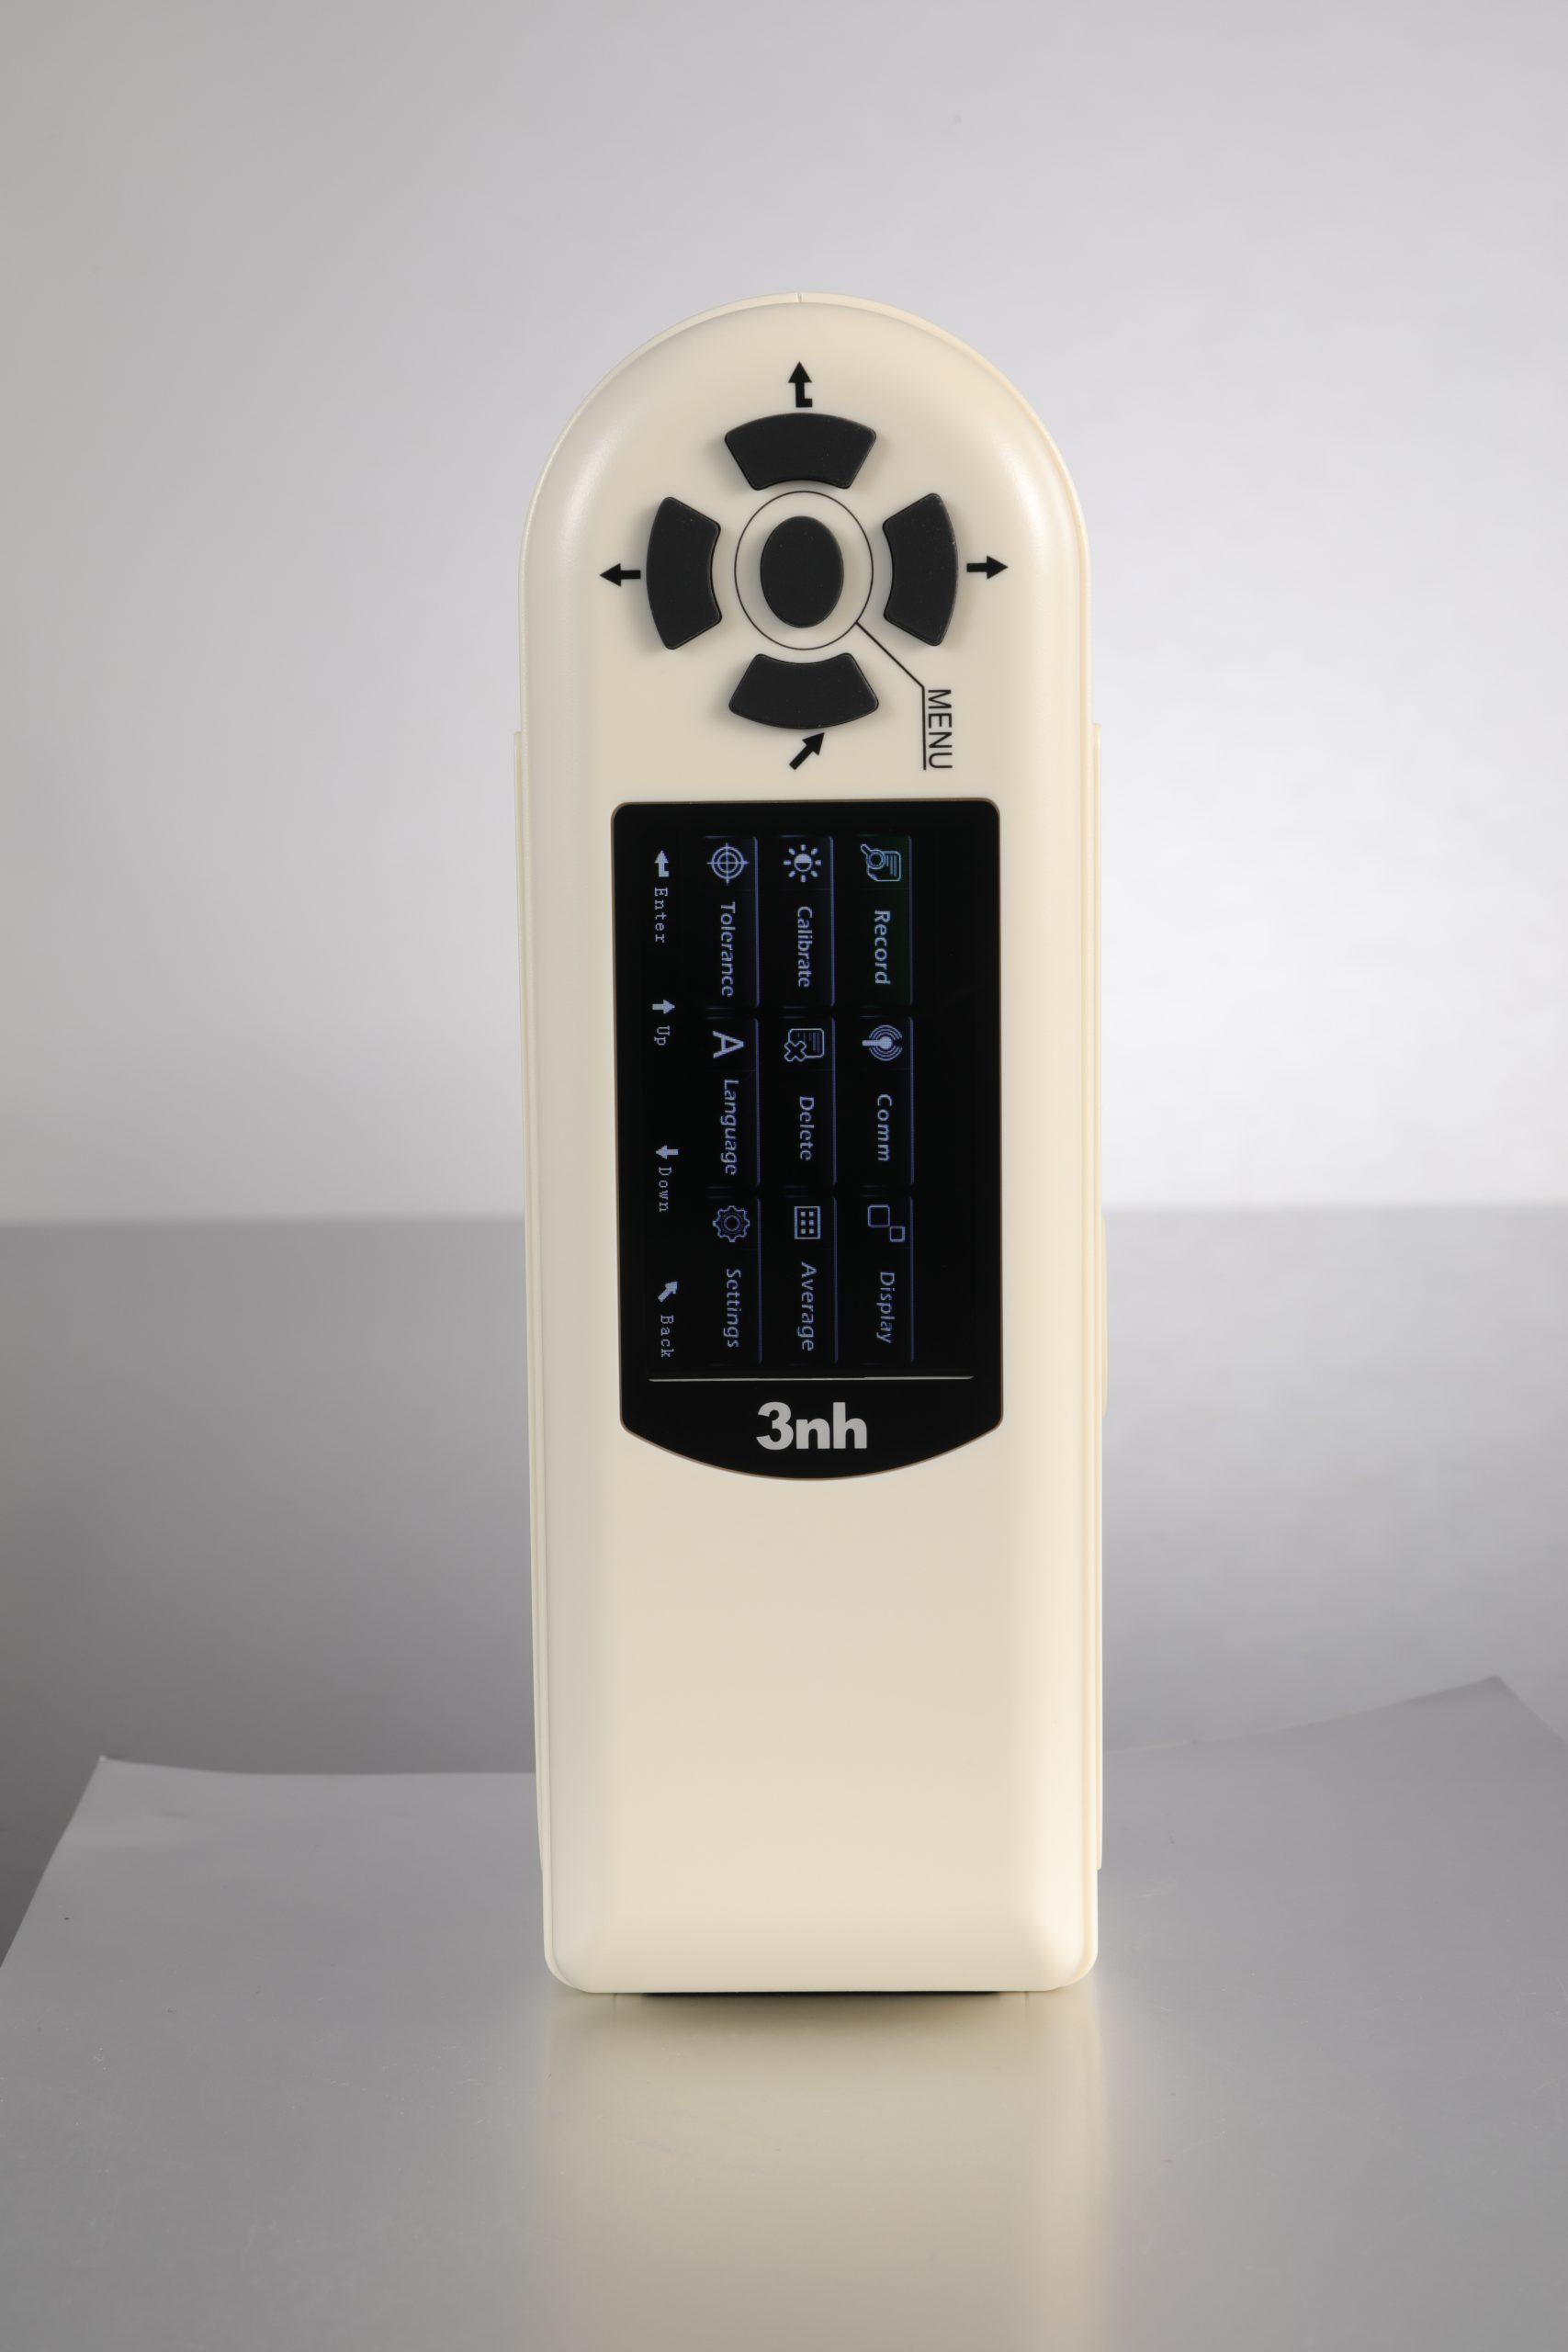 3nh NR200 Colorimeter Front Display